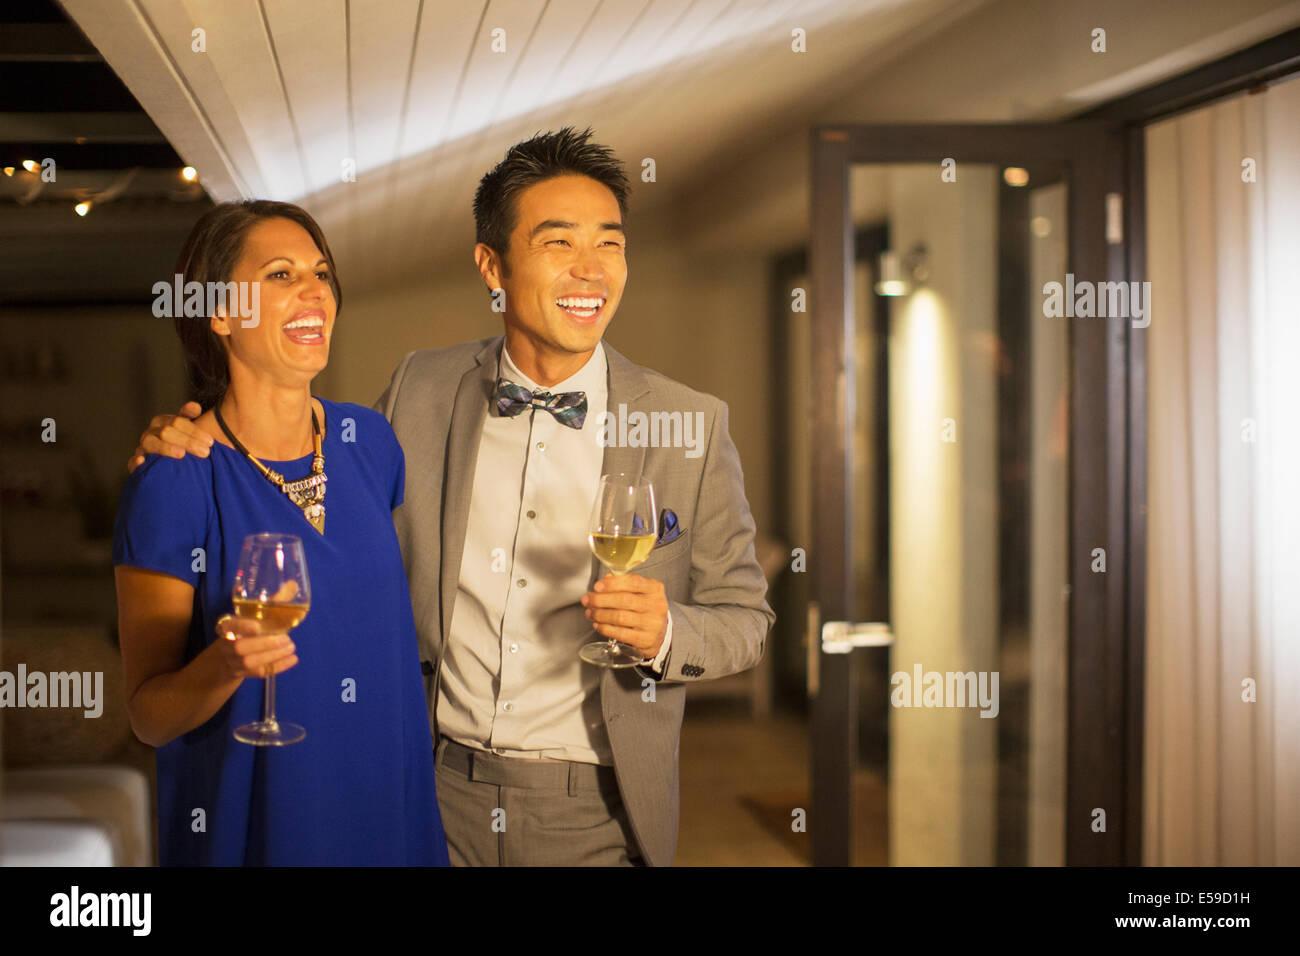 Par riendo juntos de la fiesta Imagen De Stock